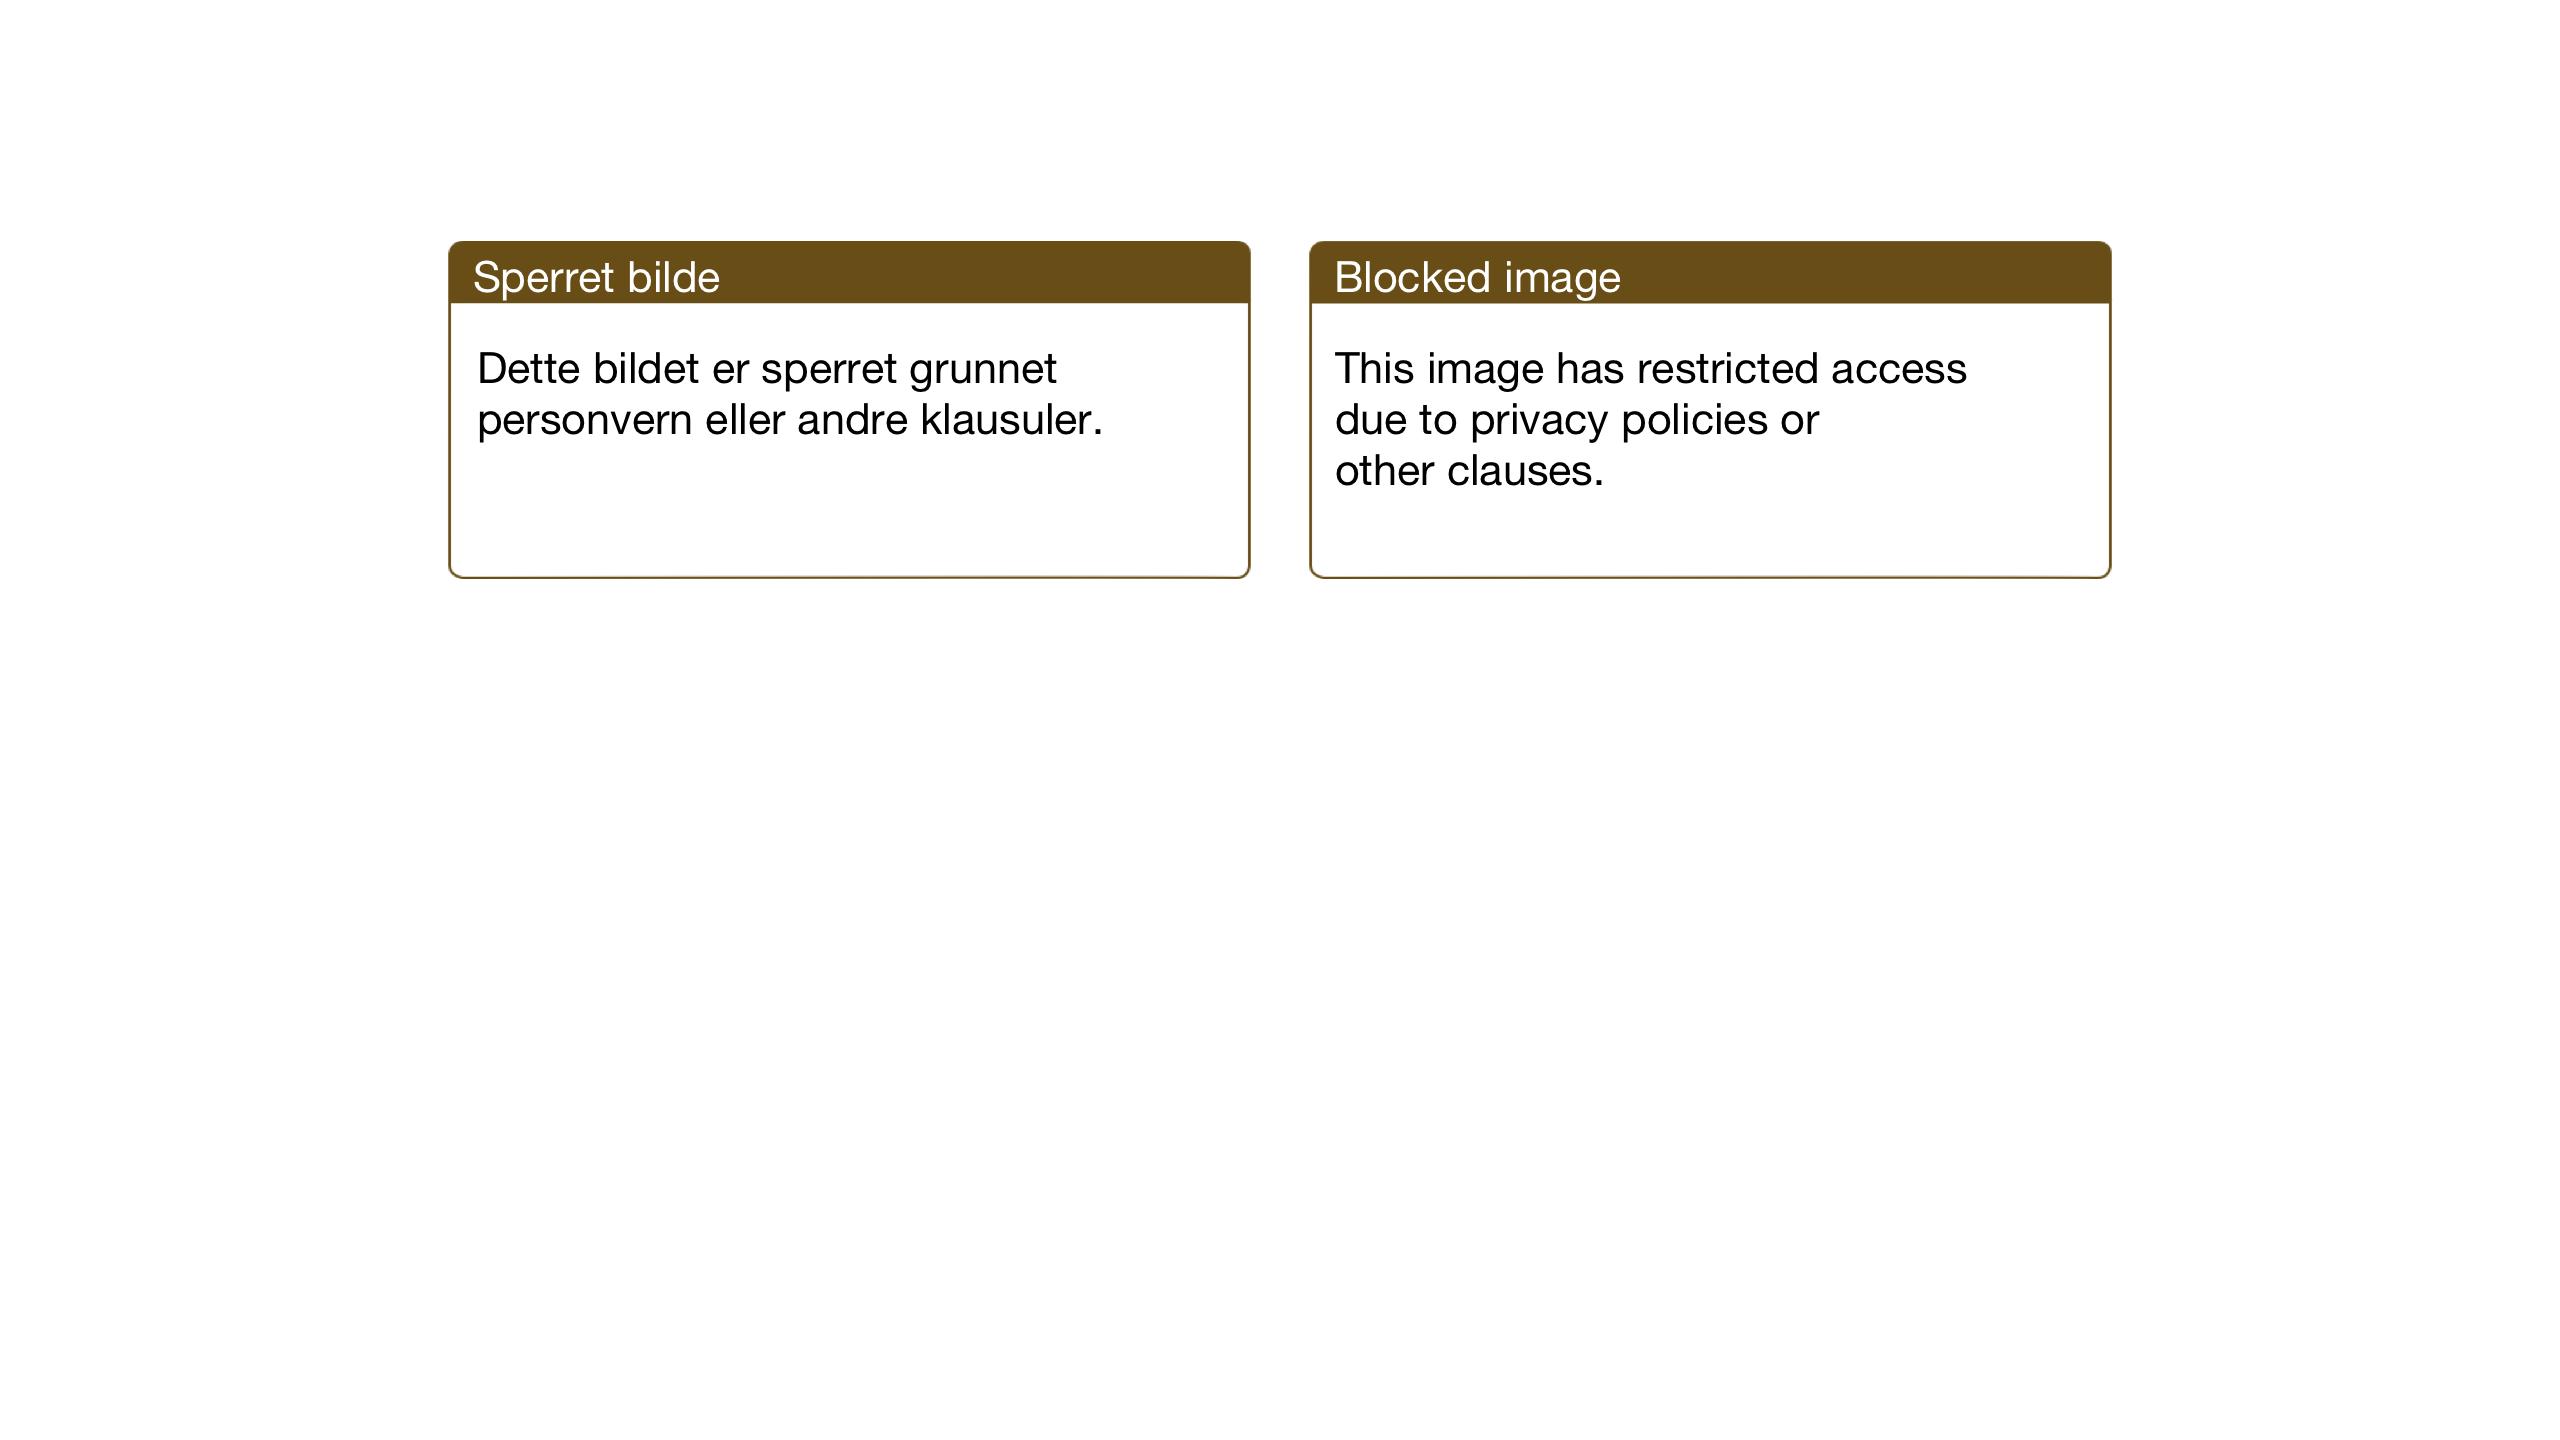 SAT, Ministerialprotokoller, klokkerbøker og fødselsregistre - Sør-Trøndelag, 693/L1124: Klokkerbok nr. 693C05, 1911-1941, s. 63